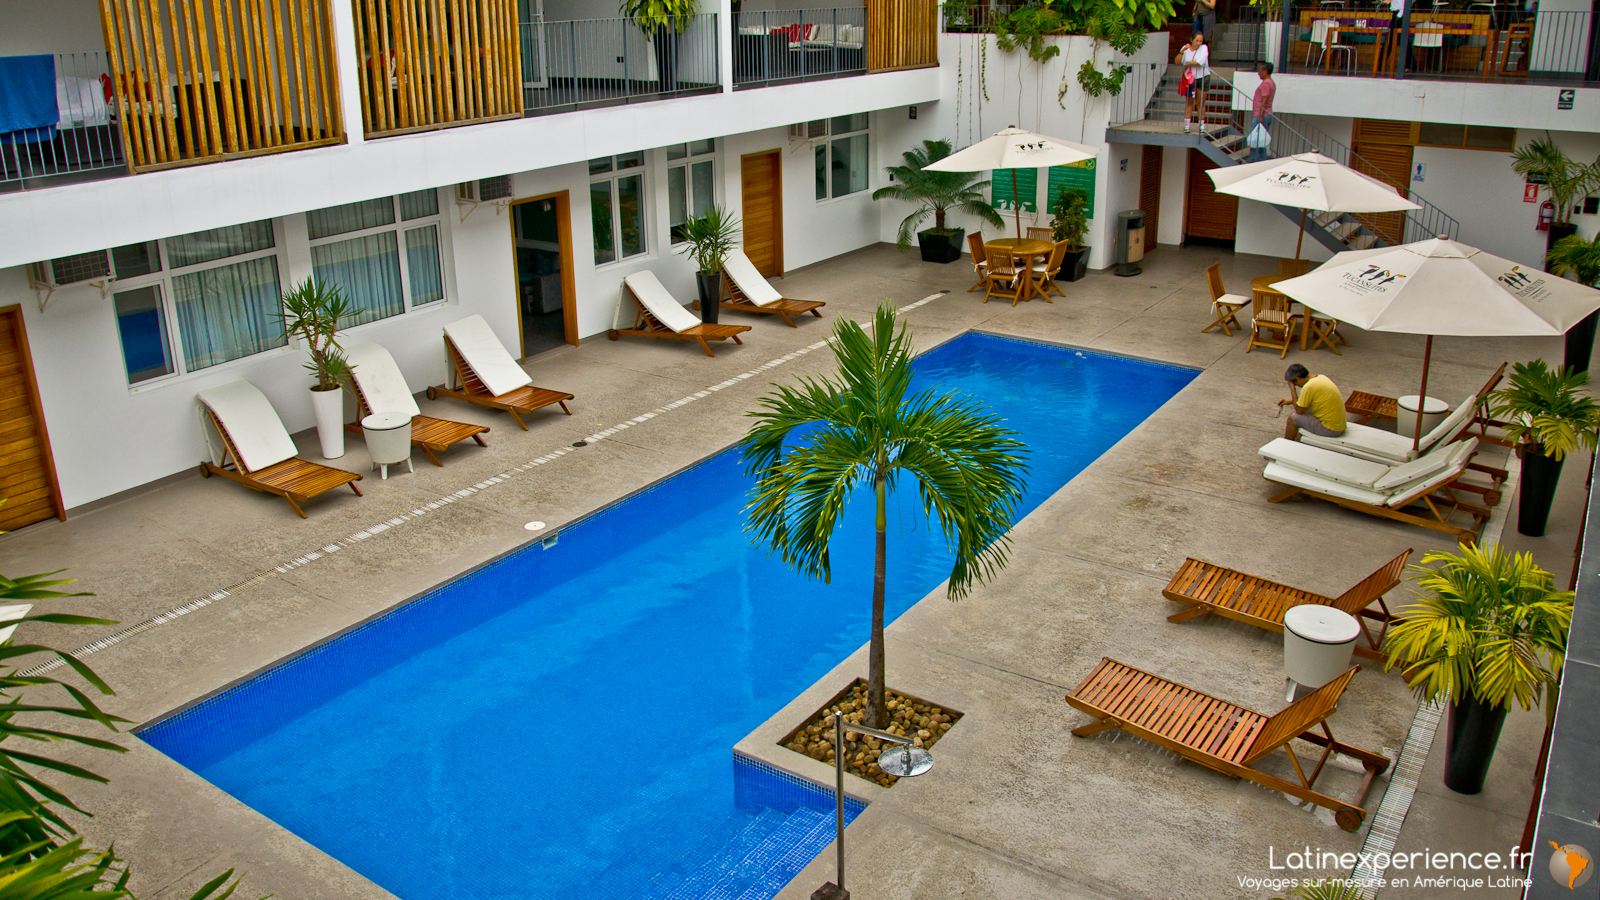 séjour au Pérou - hotel Tucan suites - Latinexperience voyages